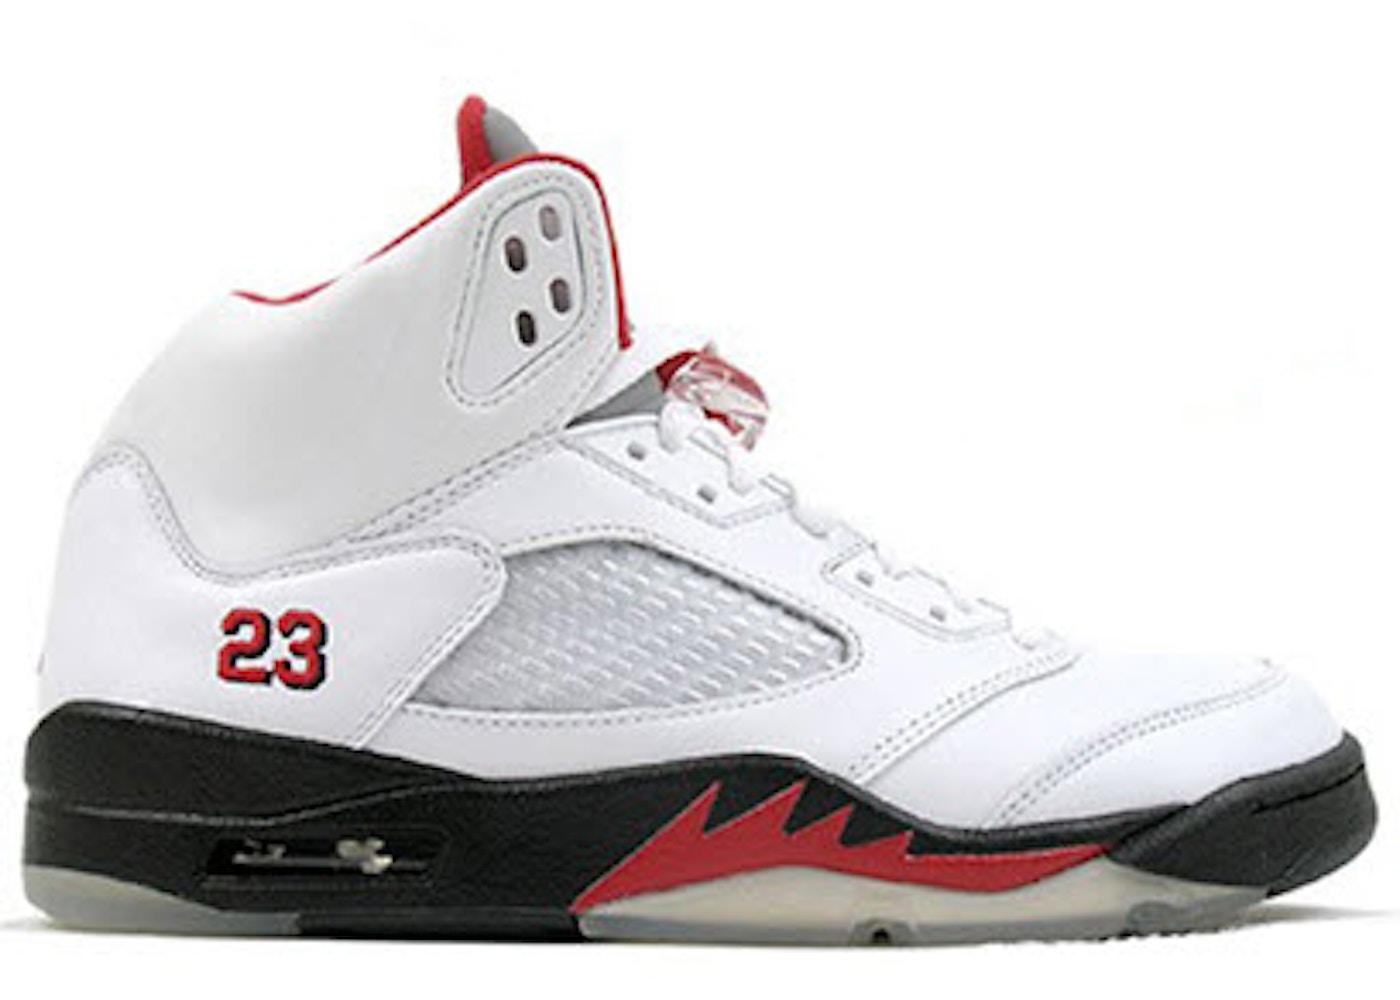 classic fit 6760d 42ba0 Jordan 5 Retro Fire Red CDP (2008) - 136027-163